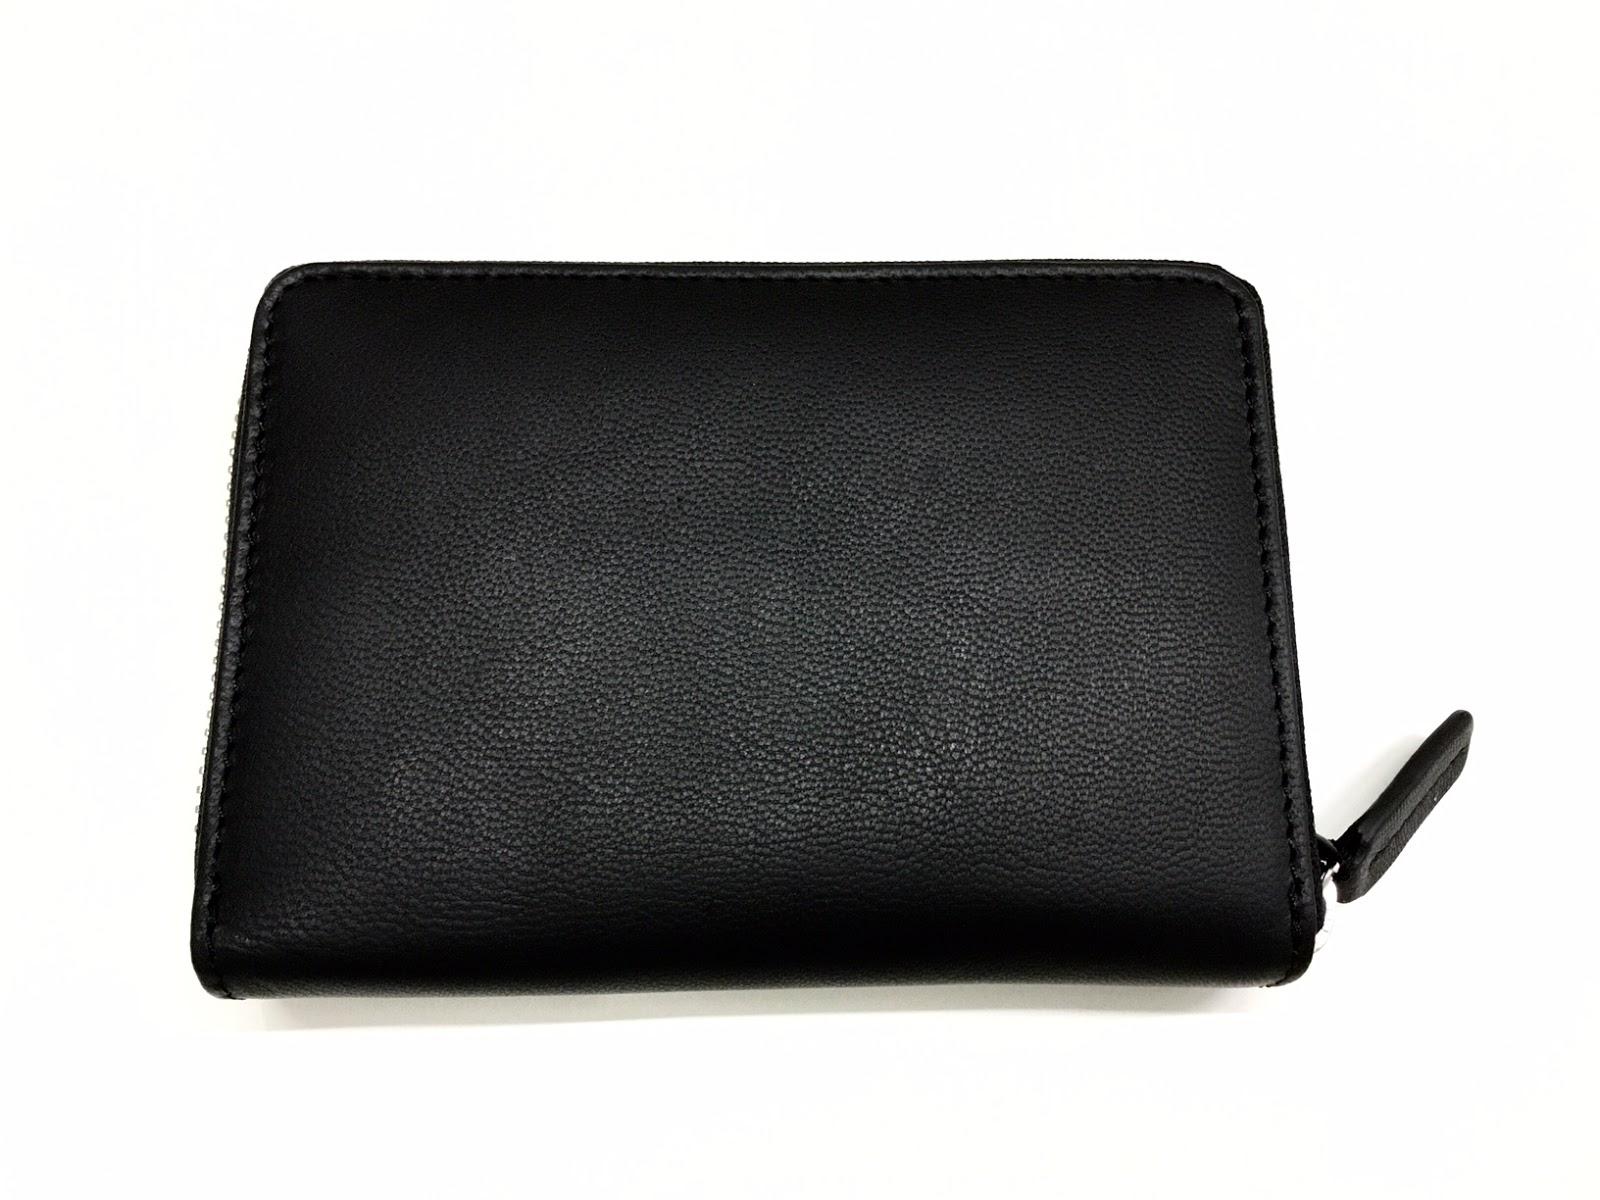 ZUCCa【ズッカ】ゴートレザーバッグ 財布◆eighty88eight 綾川・新居浜